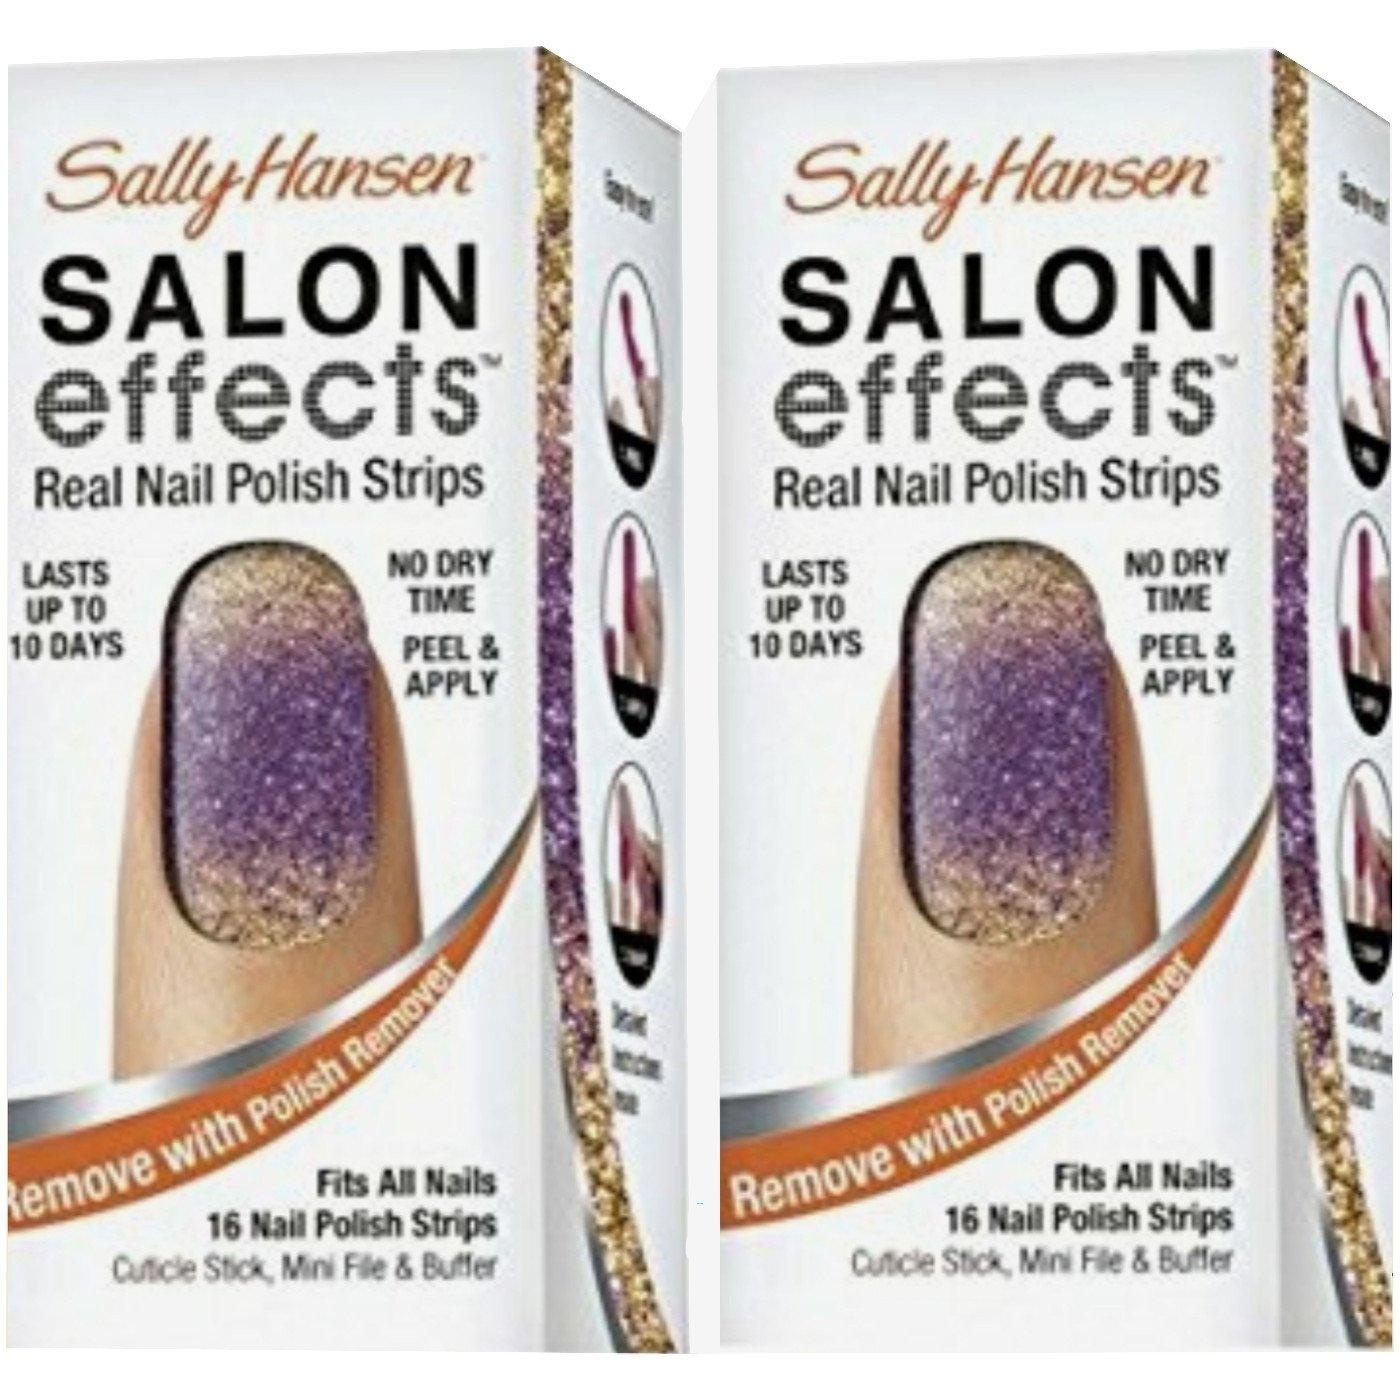 Amazon.com : Sally Hansen Salon Effects Real Nail Polish Strips ...